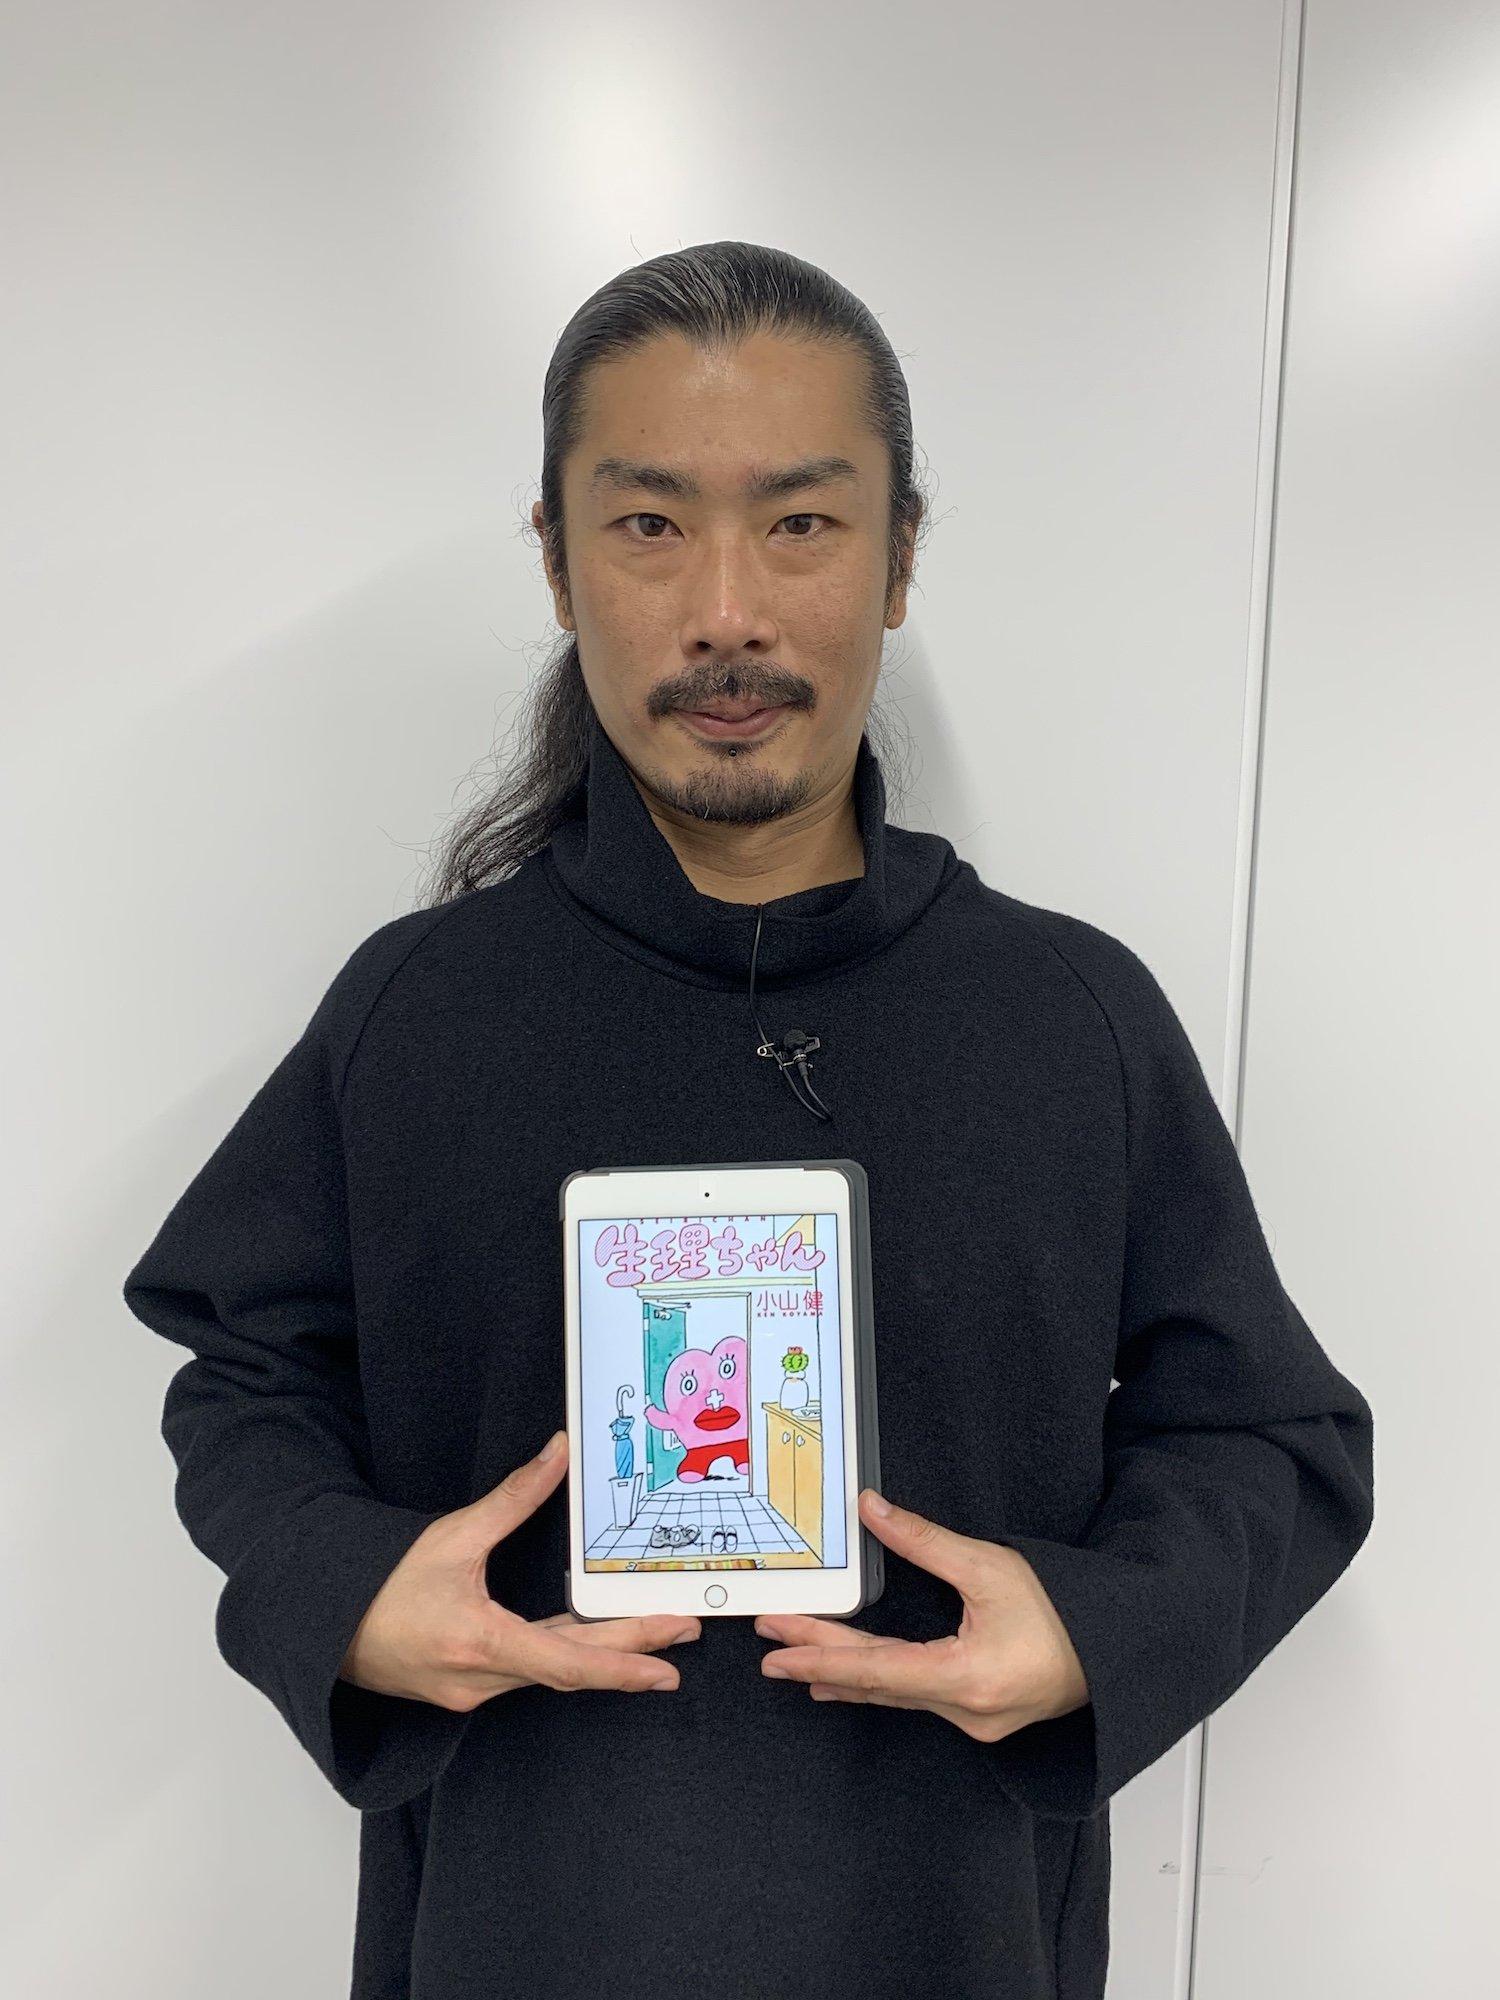 パンサー菅がグサリときた漫画『生理ちゃん』の魅力「知らないことには、思いやるなんてできない」の画像001